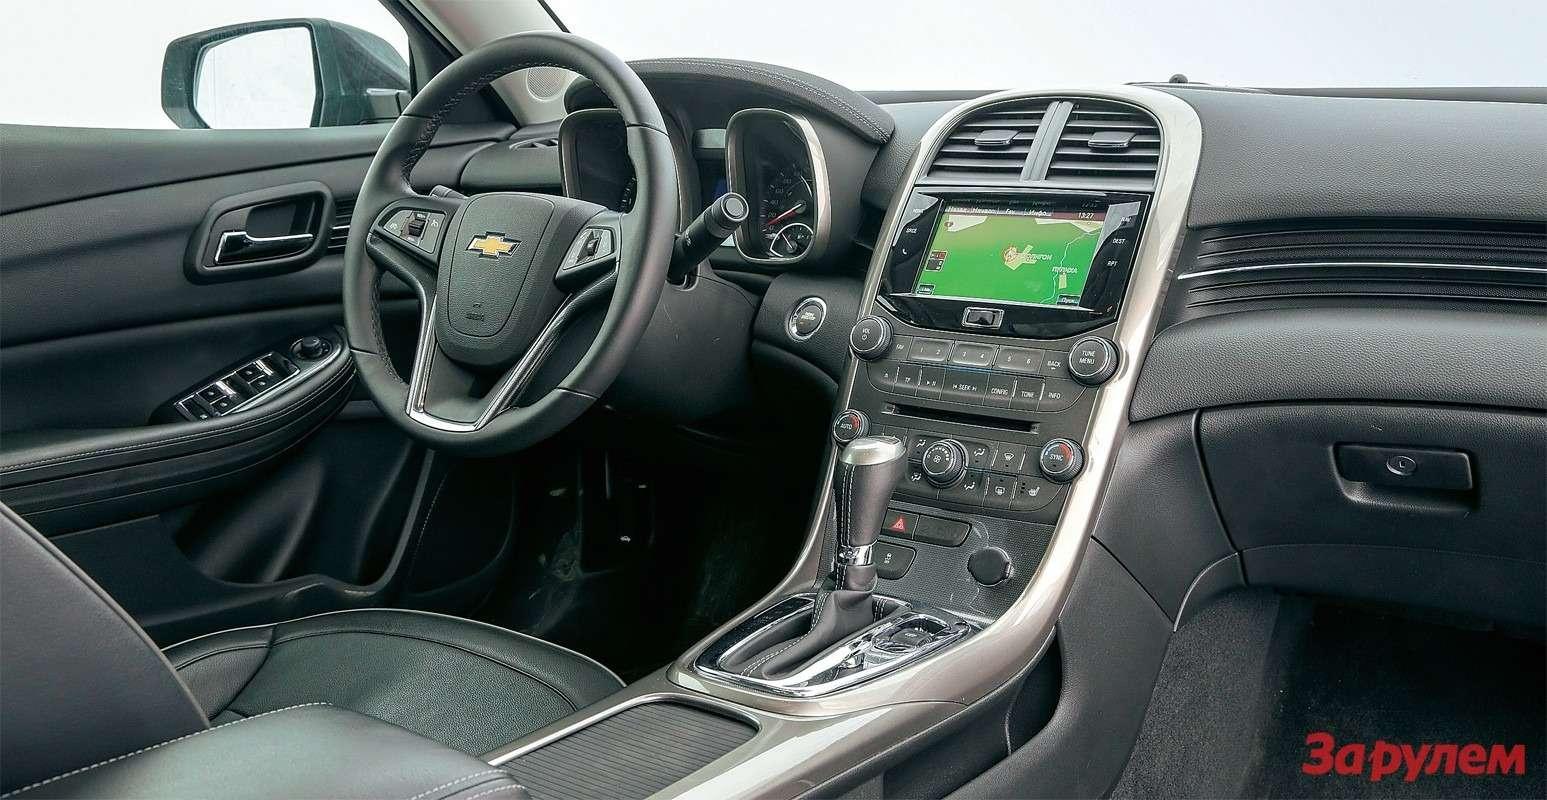 В «Малибу» удобный климат-контроль, кресло спамятью, есть возможность подсоединить любые носители, включая SD-карту.